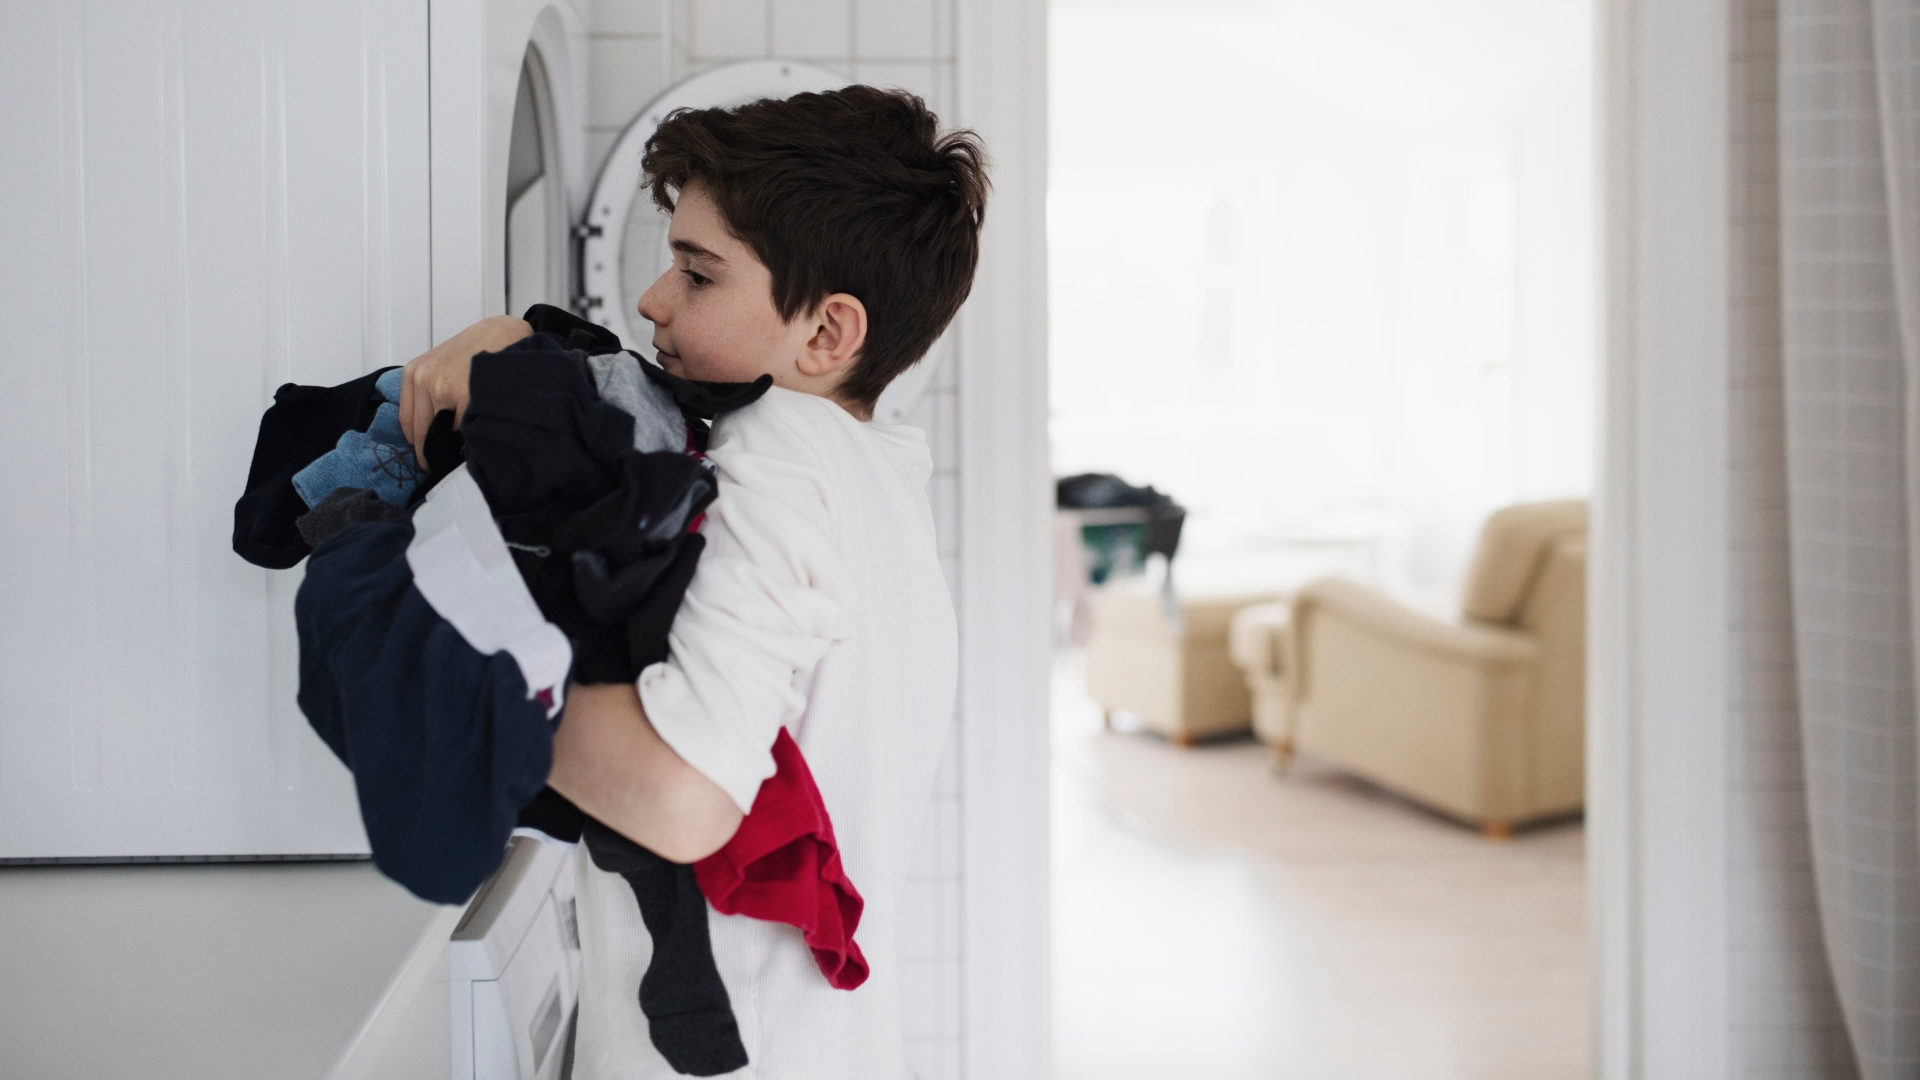 fizetnél a gyereknek a házimunkáért?